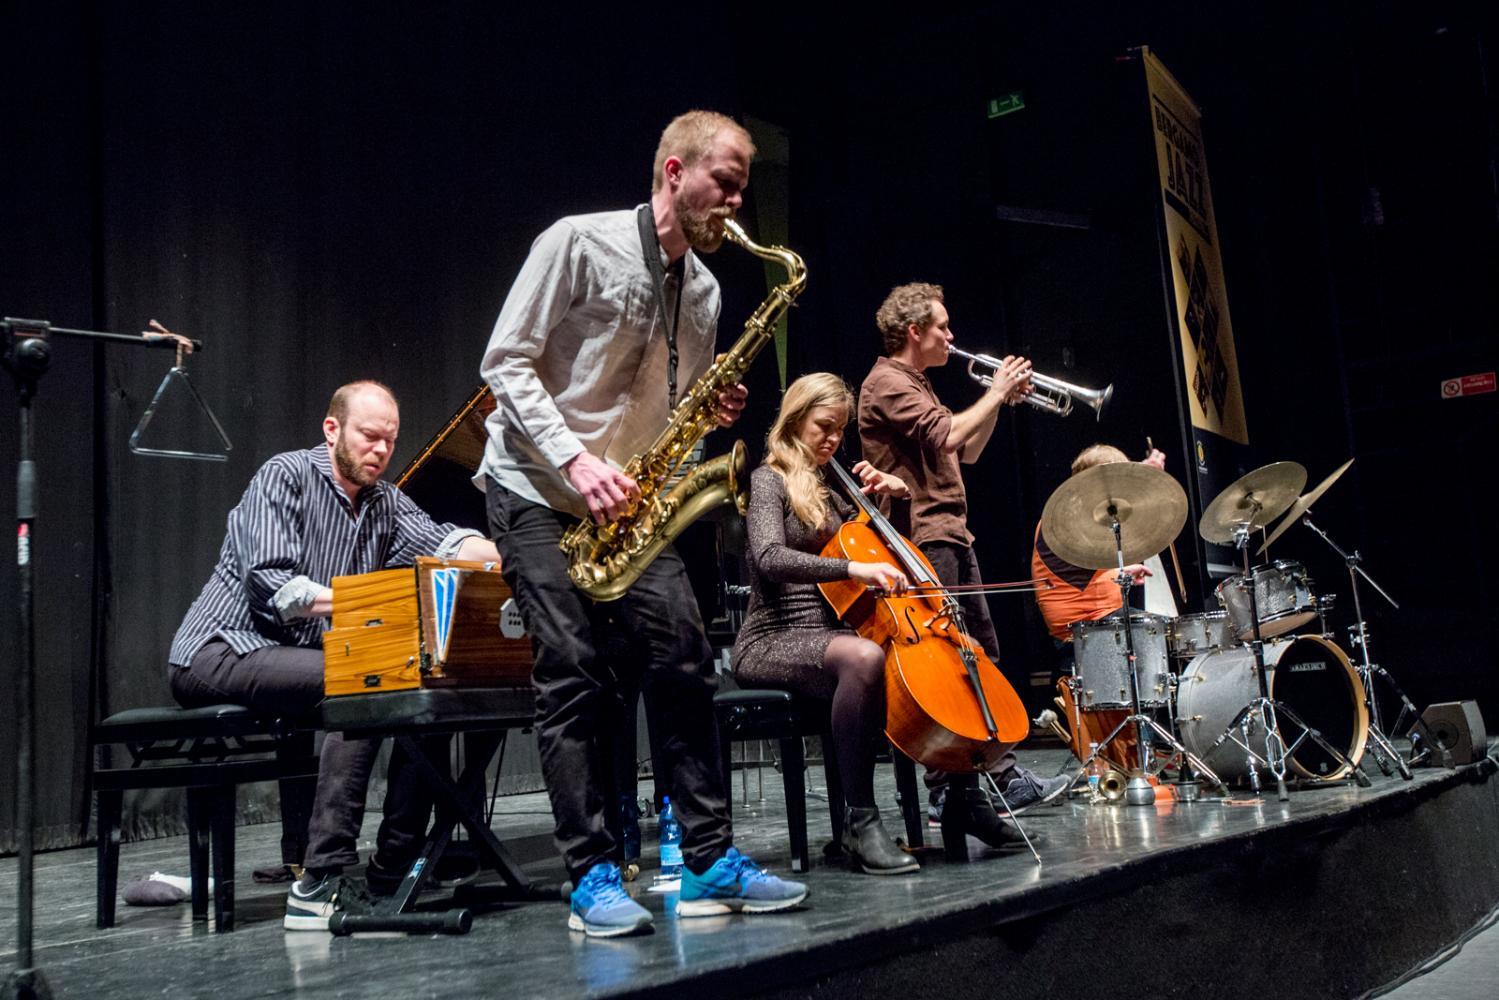 Christian Wallumrod at Bergamo Jazz 2017